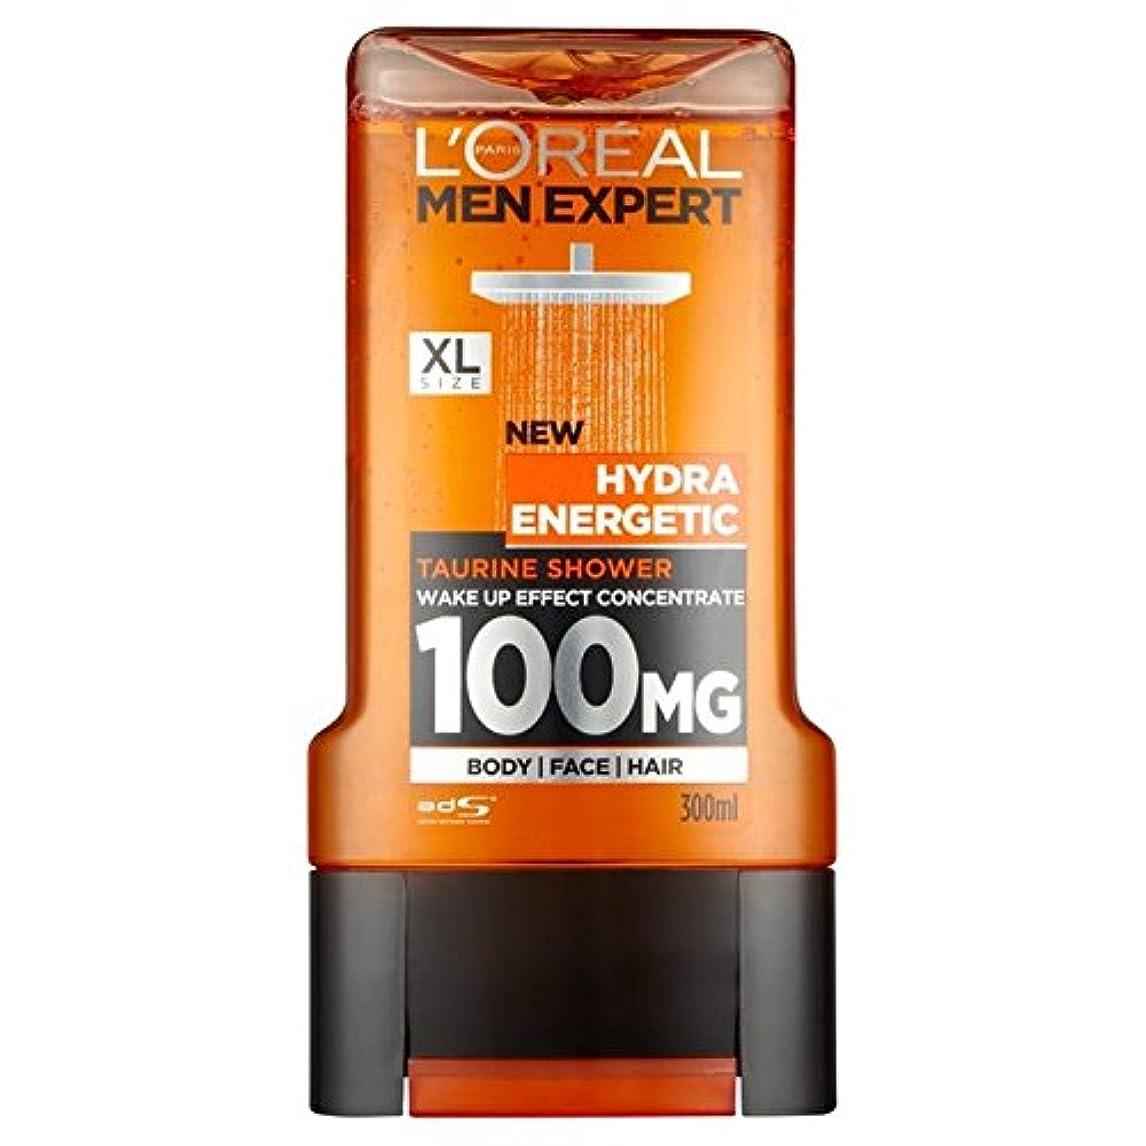 属性クルーズ東ティモールL'Oreal Paris Men Expert Hydra Energetic Shower Gel 300ml - ロレアルパリのメンズ専門家ヒドラエネルギッシュなシャワージェル300ミリリットル [並行輸入品]